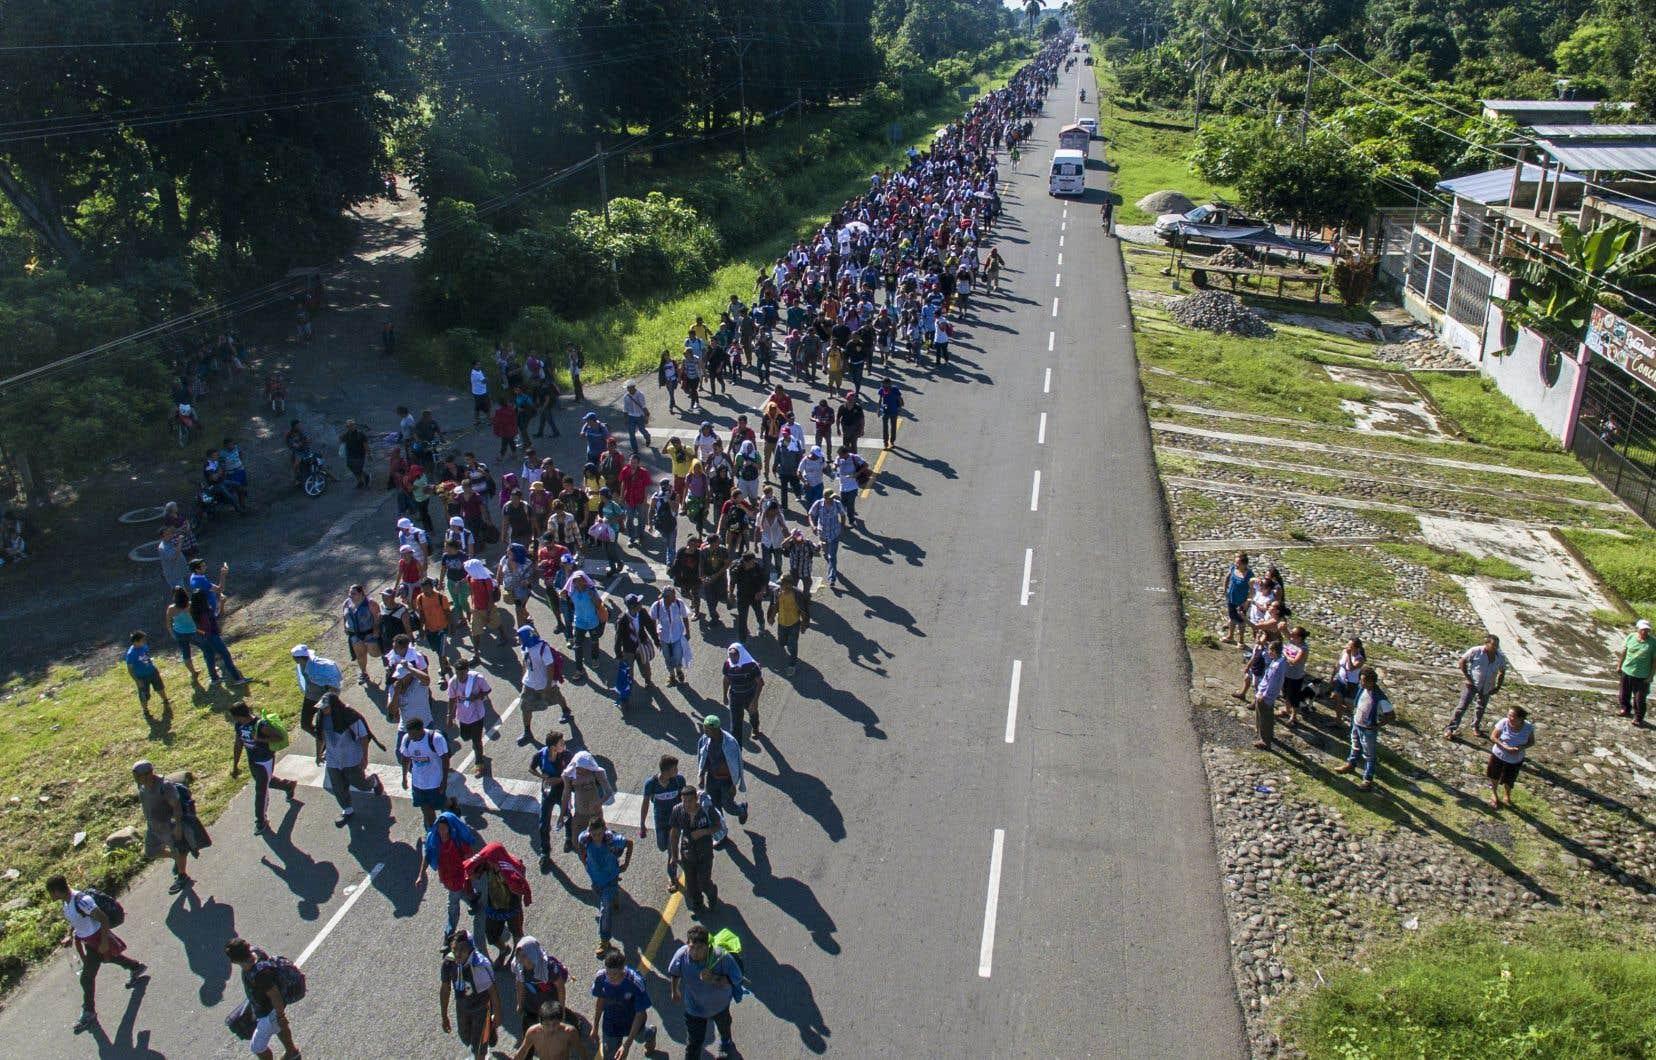 Cette marche vers les États-Unis a débuté il y a une semaine de San Pedro Sula, dans le nord du Honduras, à la suite d'un appel sur les réseaux sociaux relayé par un ex-député hondurien.